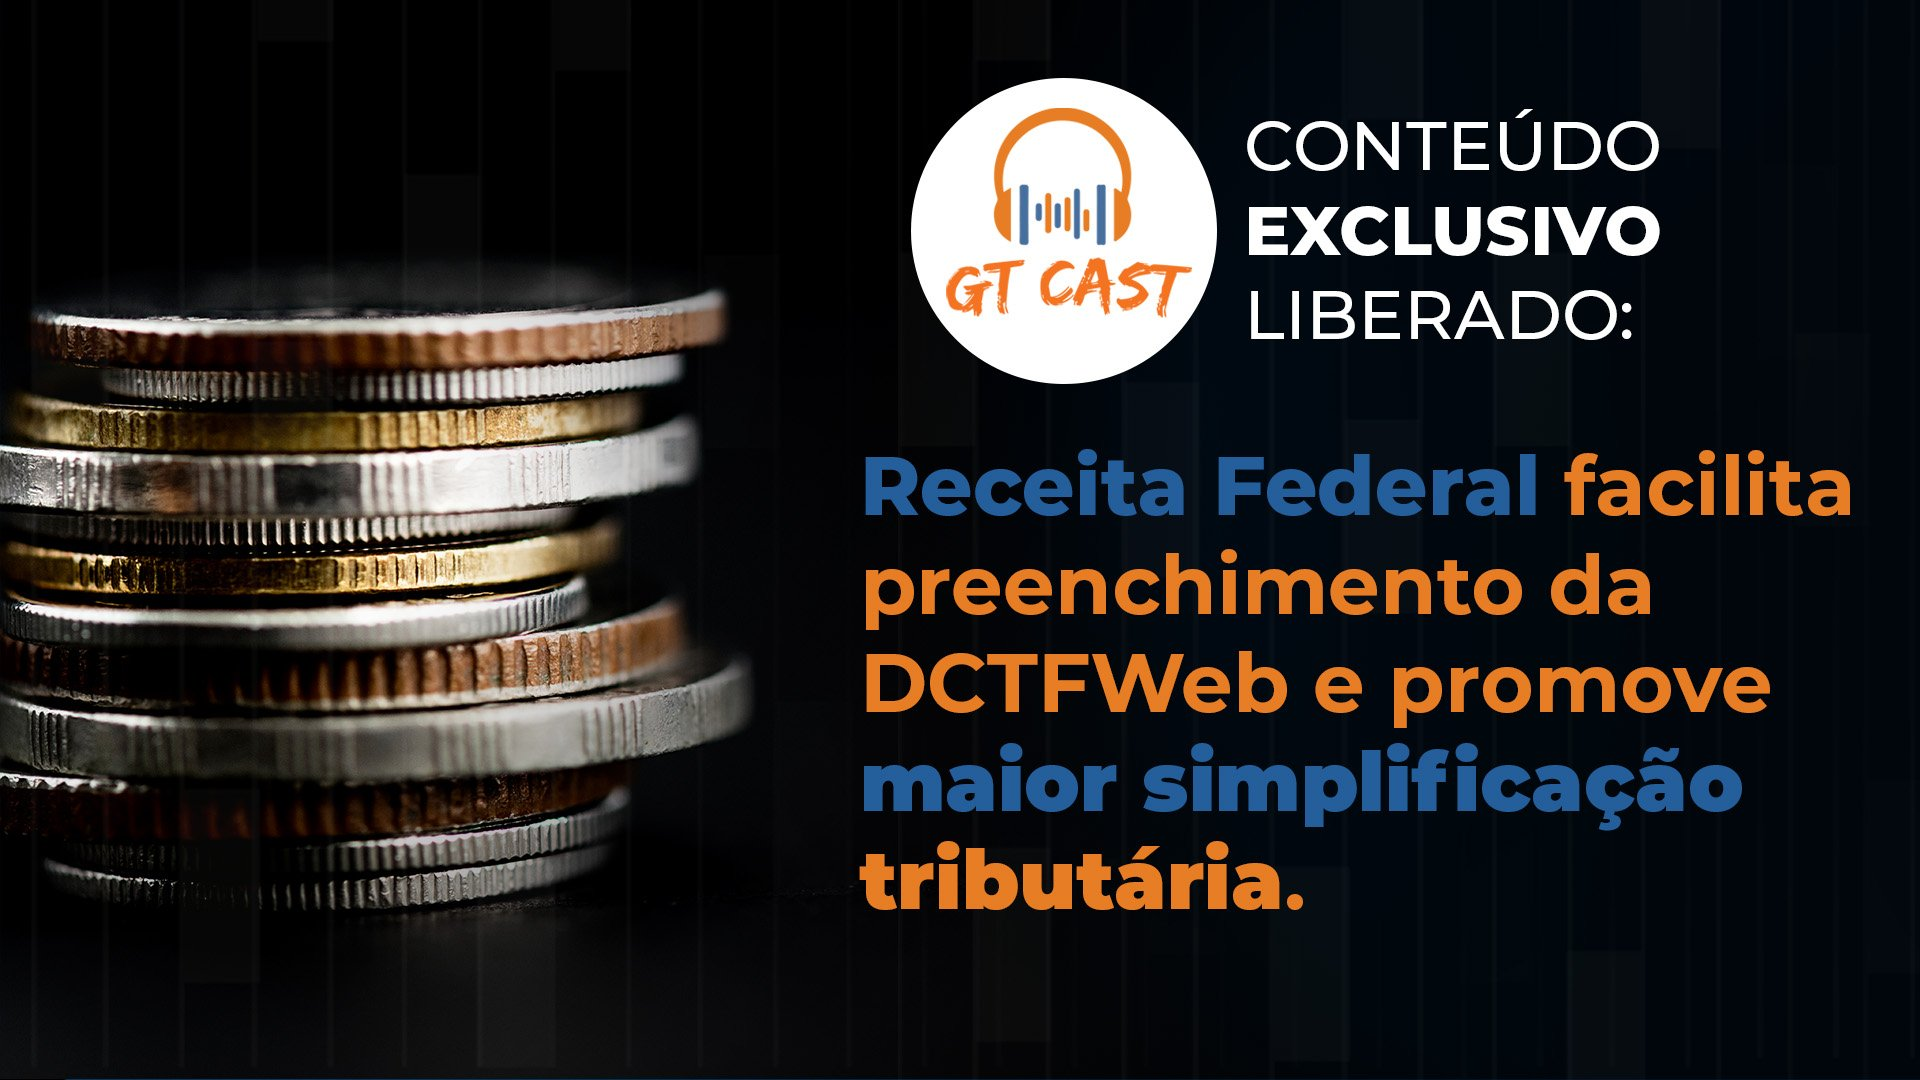 receita-federal-facilita-preenchimento-da-dctfweb-e-promove-maior-simplificacao-tributaria